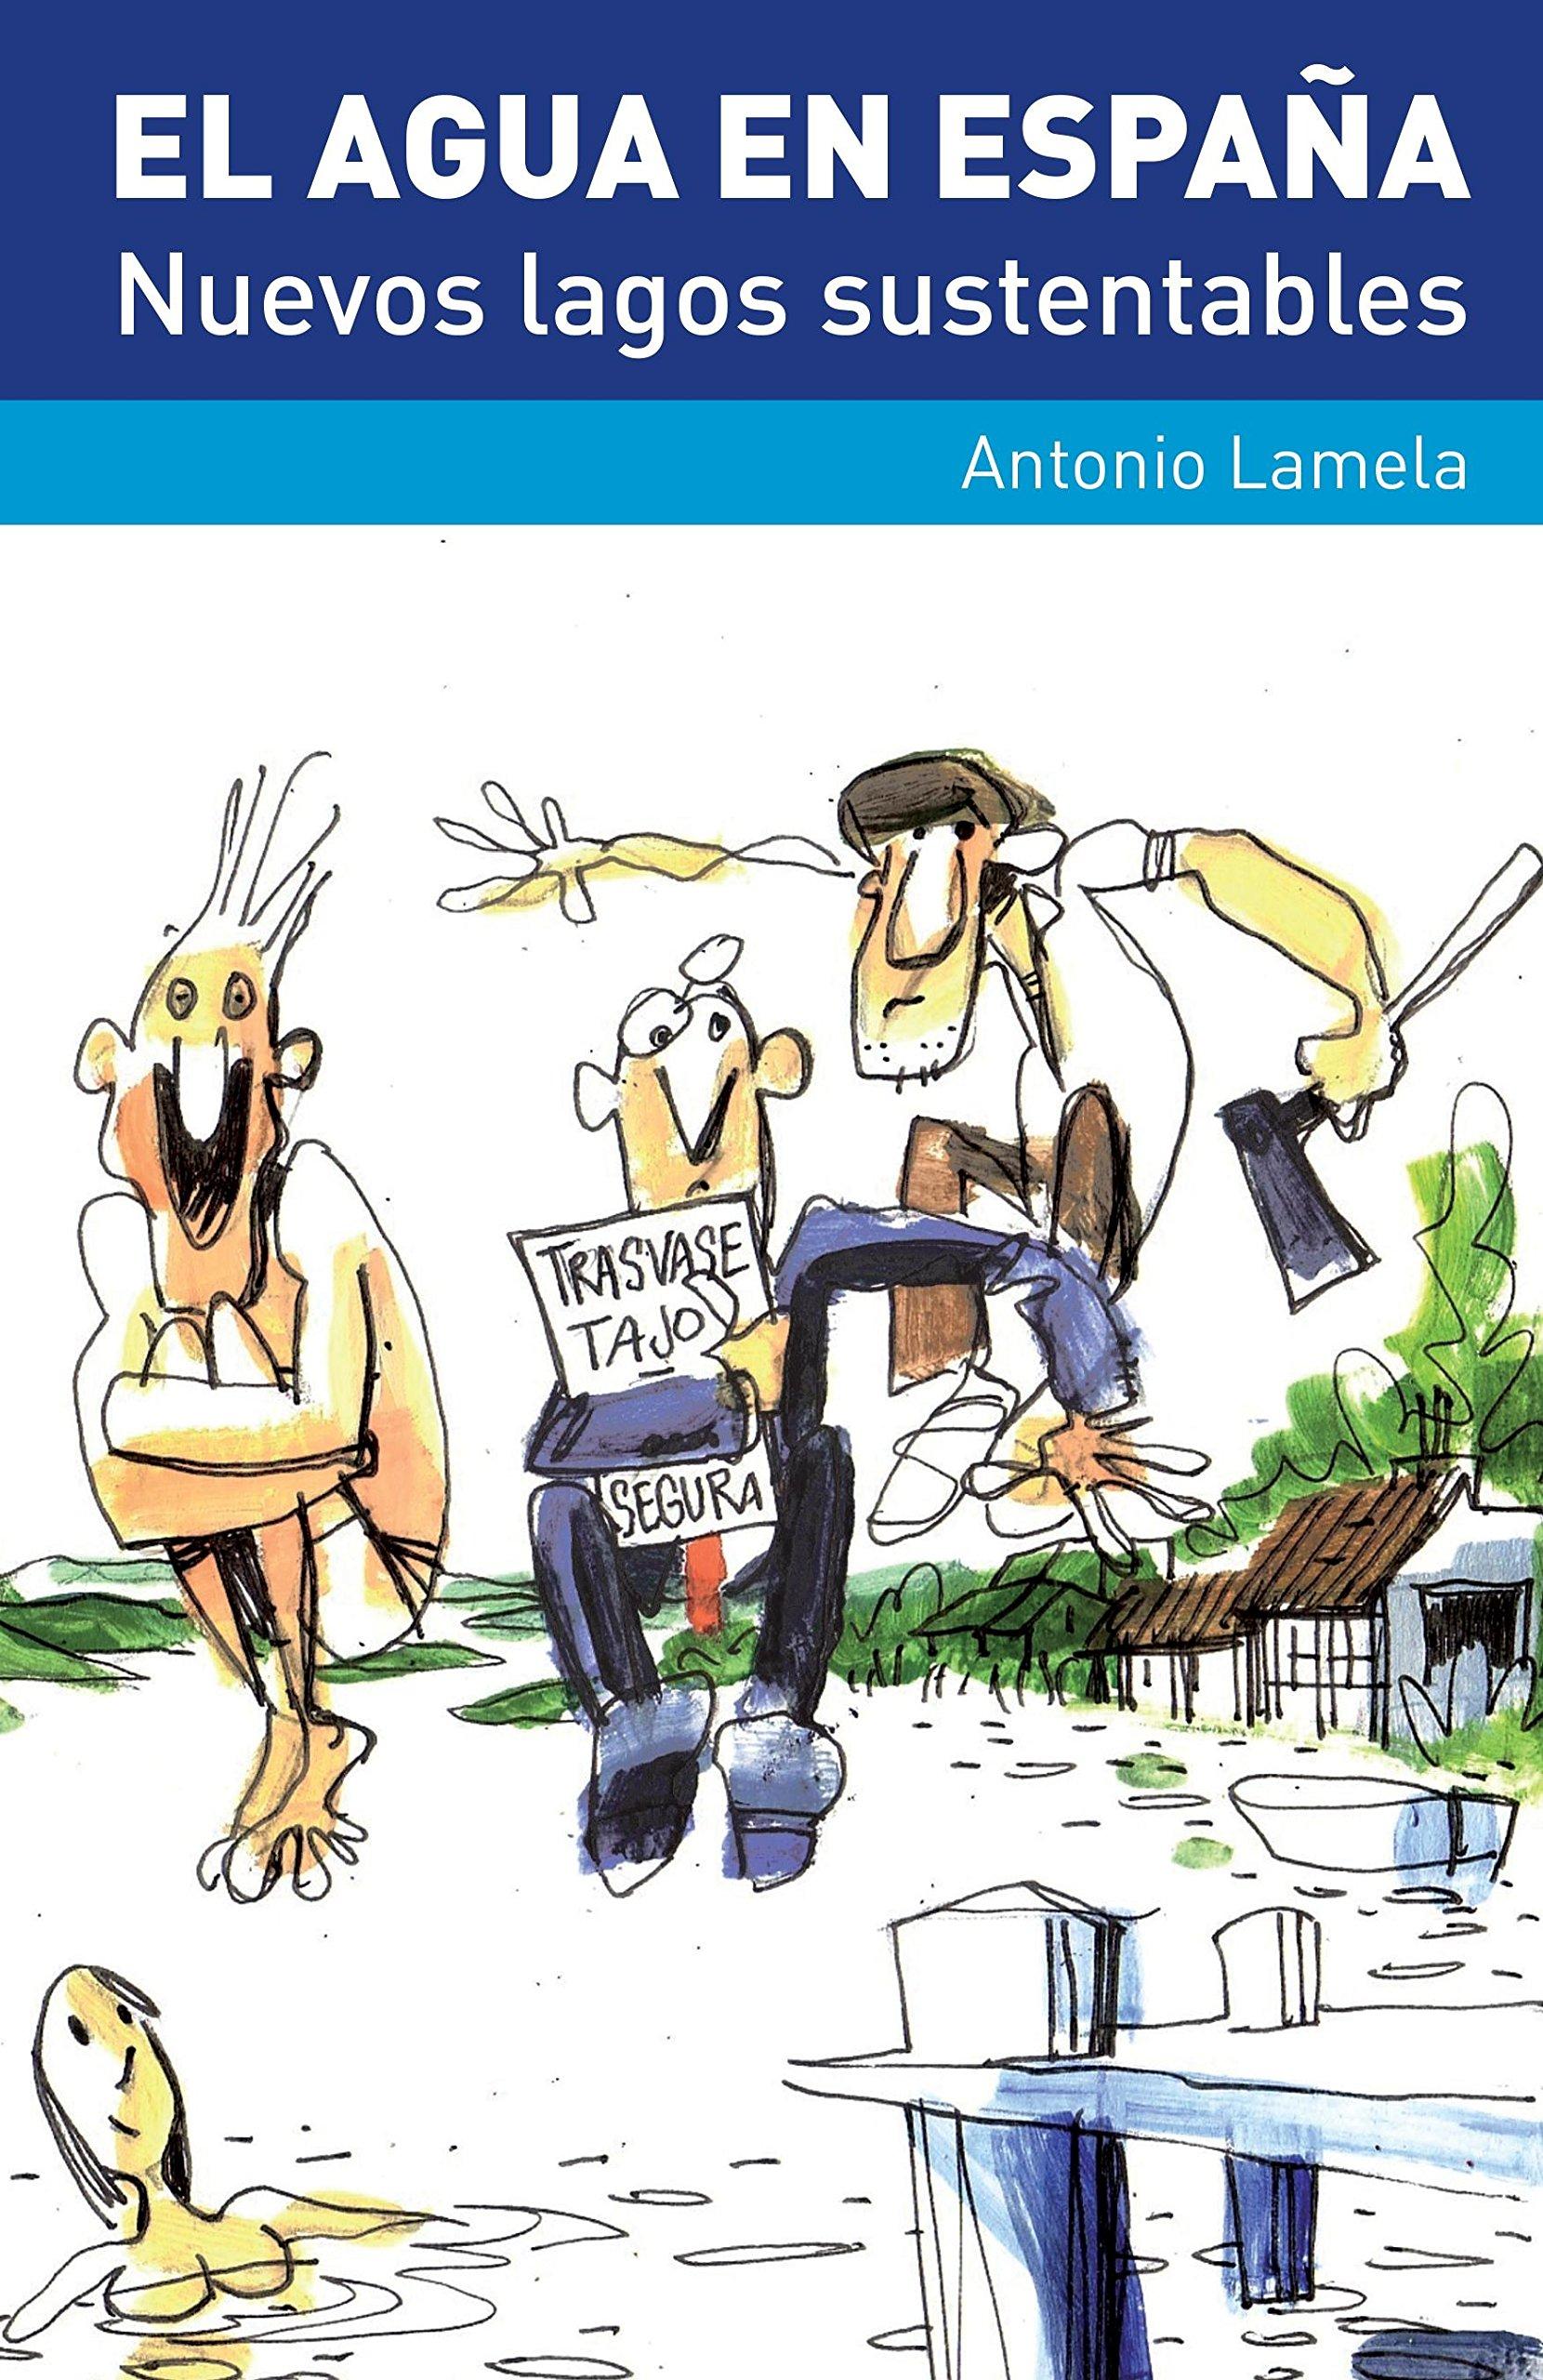 El Agua En España: Nuevos Lagos Sustentables: RBK : Hidrología e hidrosfera LEO: Amazon.es: Lamela Martínez, Antonio: Libros